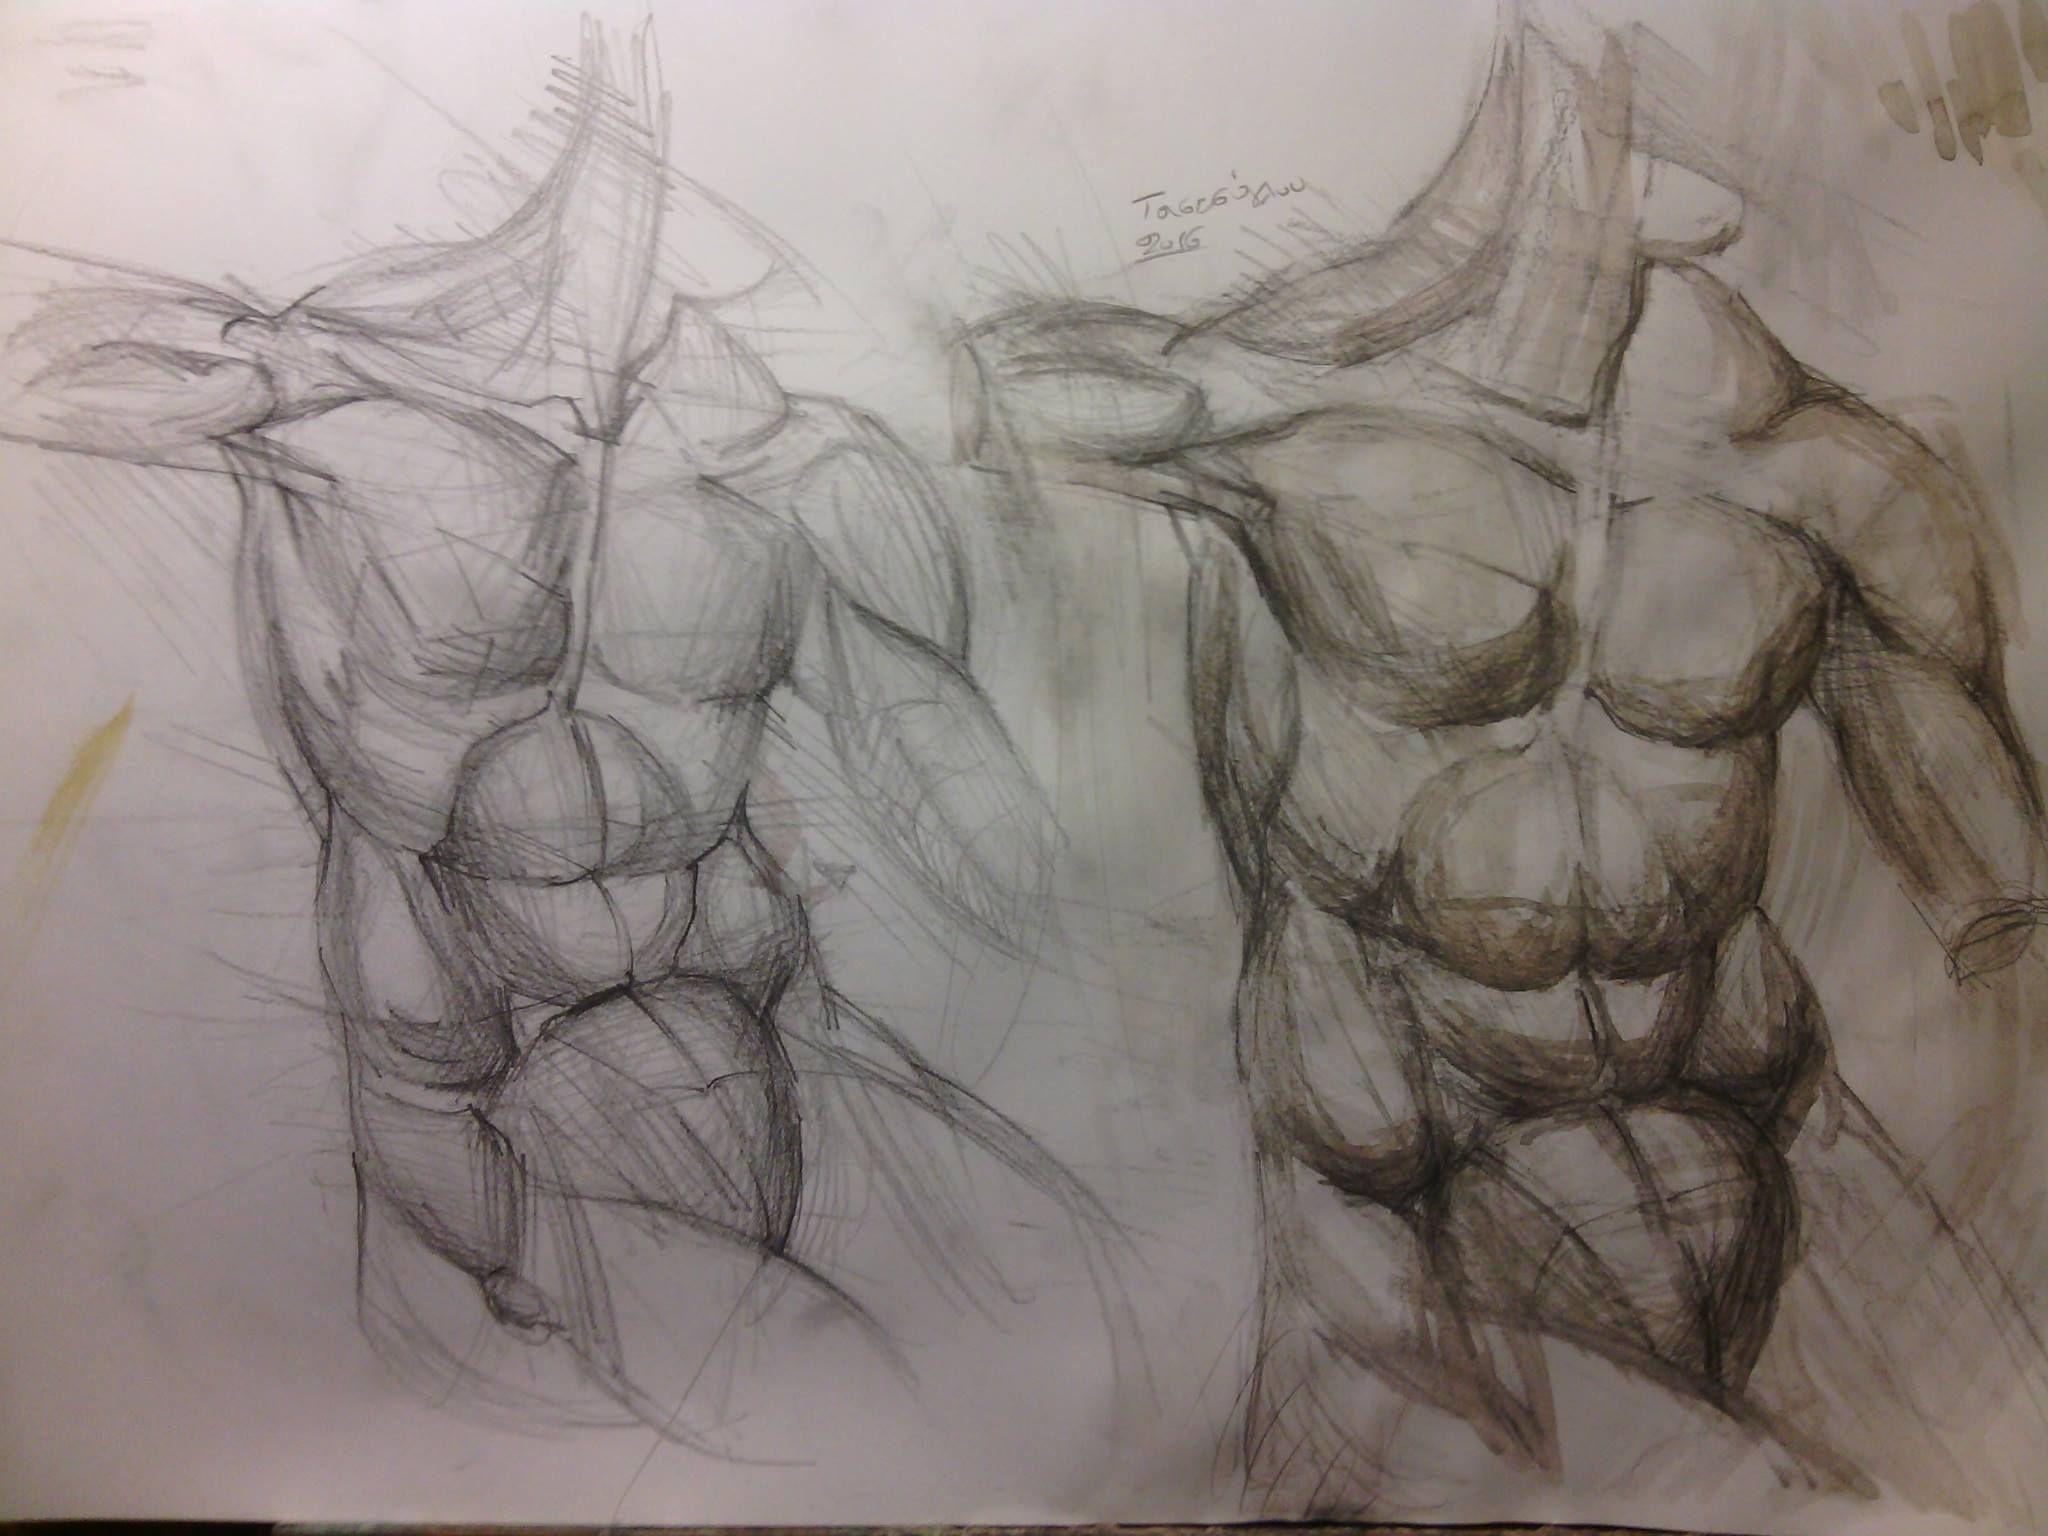 torso study-pencil and aquarelle on paper.